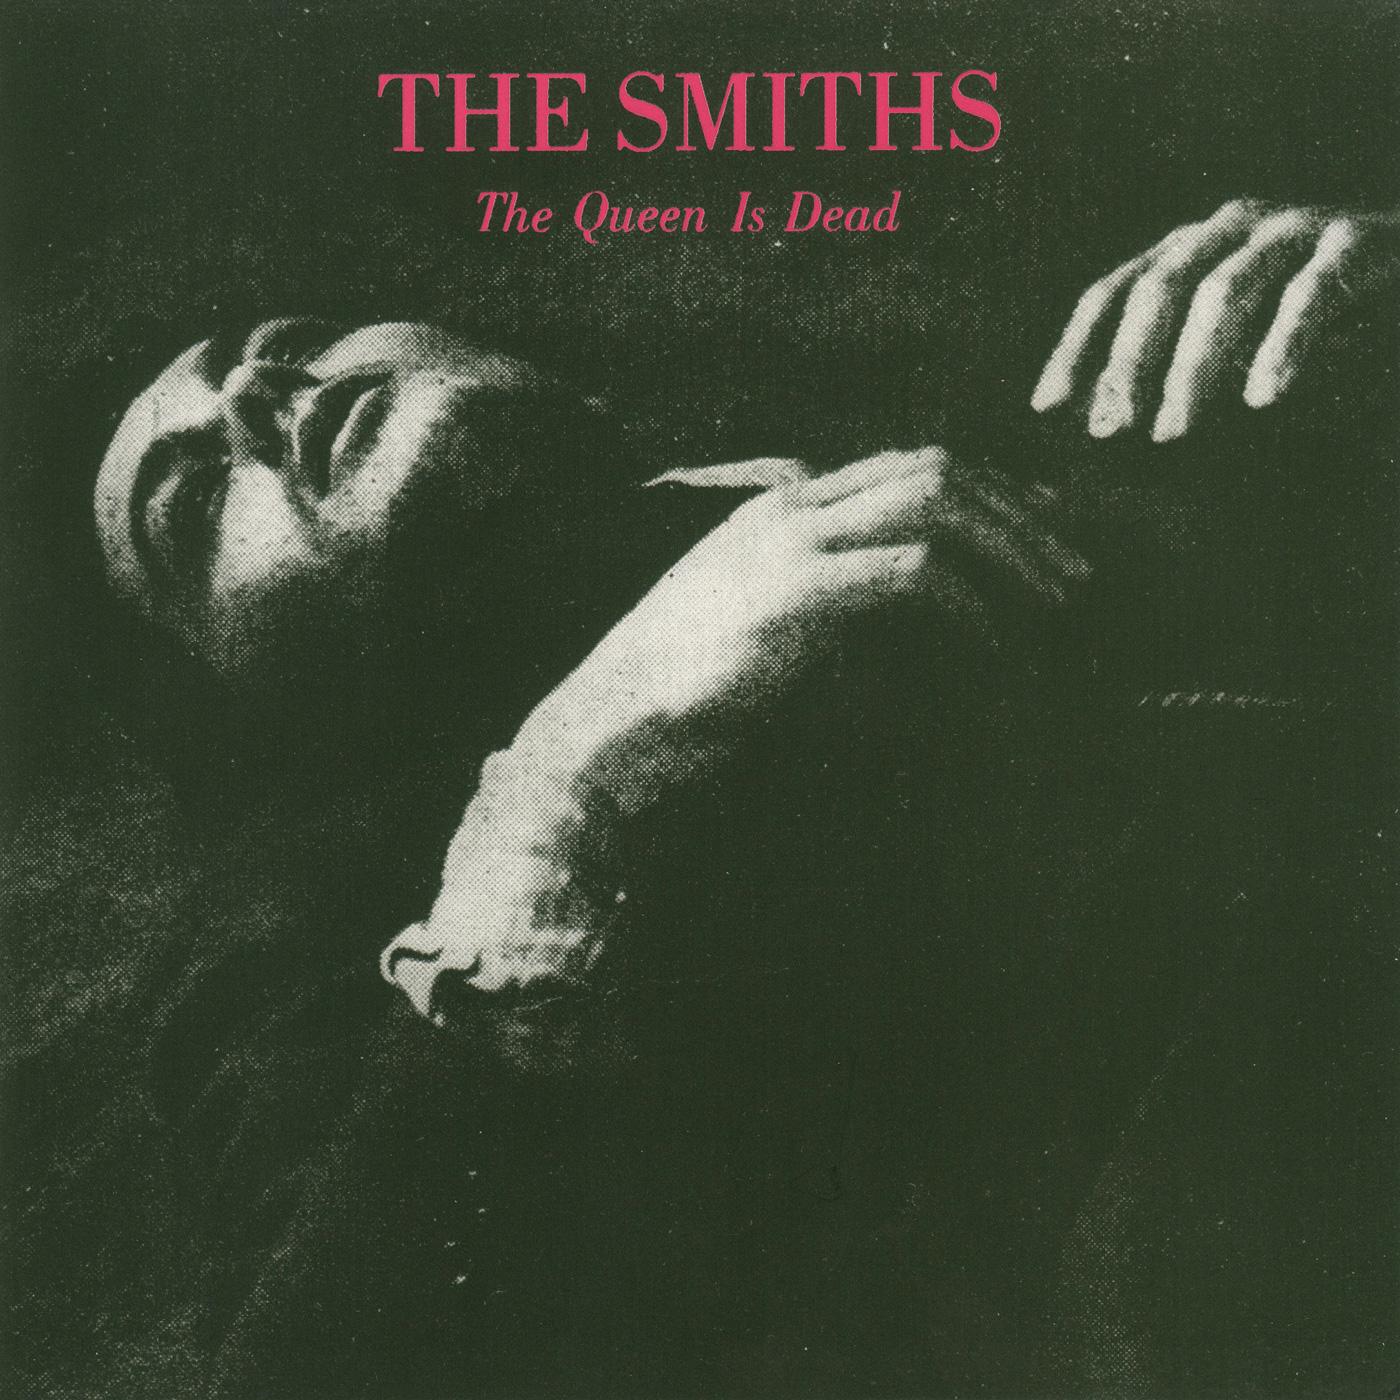 The Smiths — The Queen Is Dead: 12 фактов - Роккульт